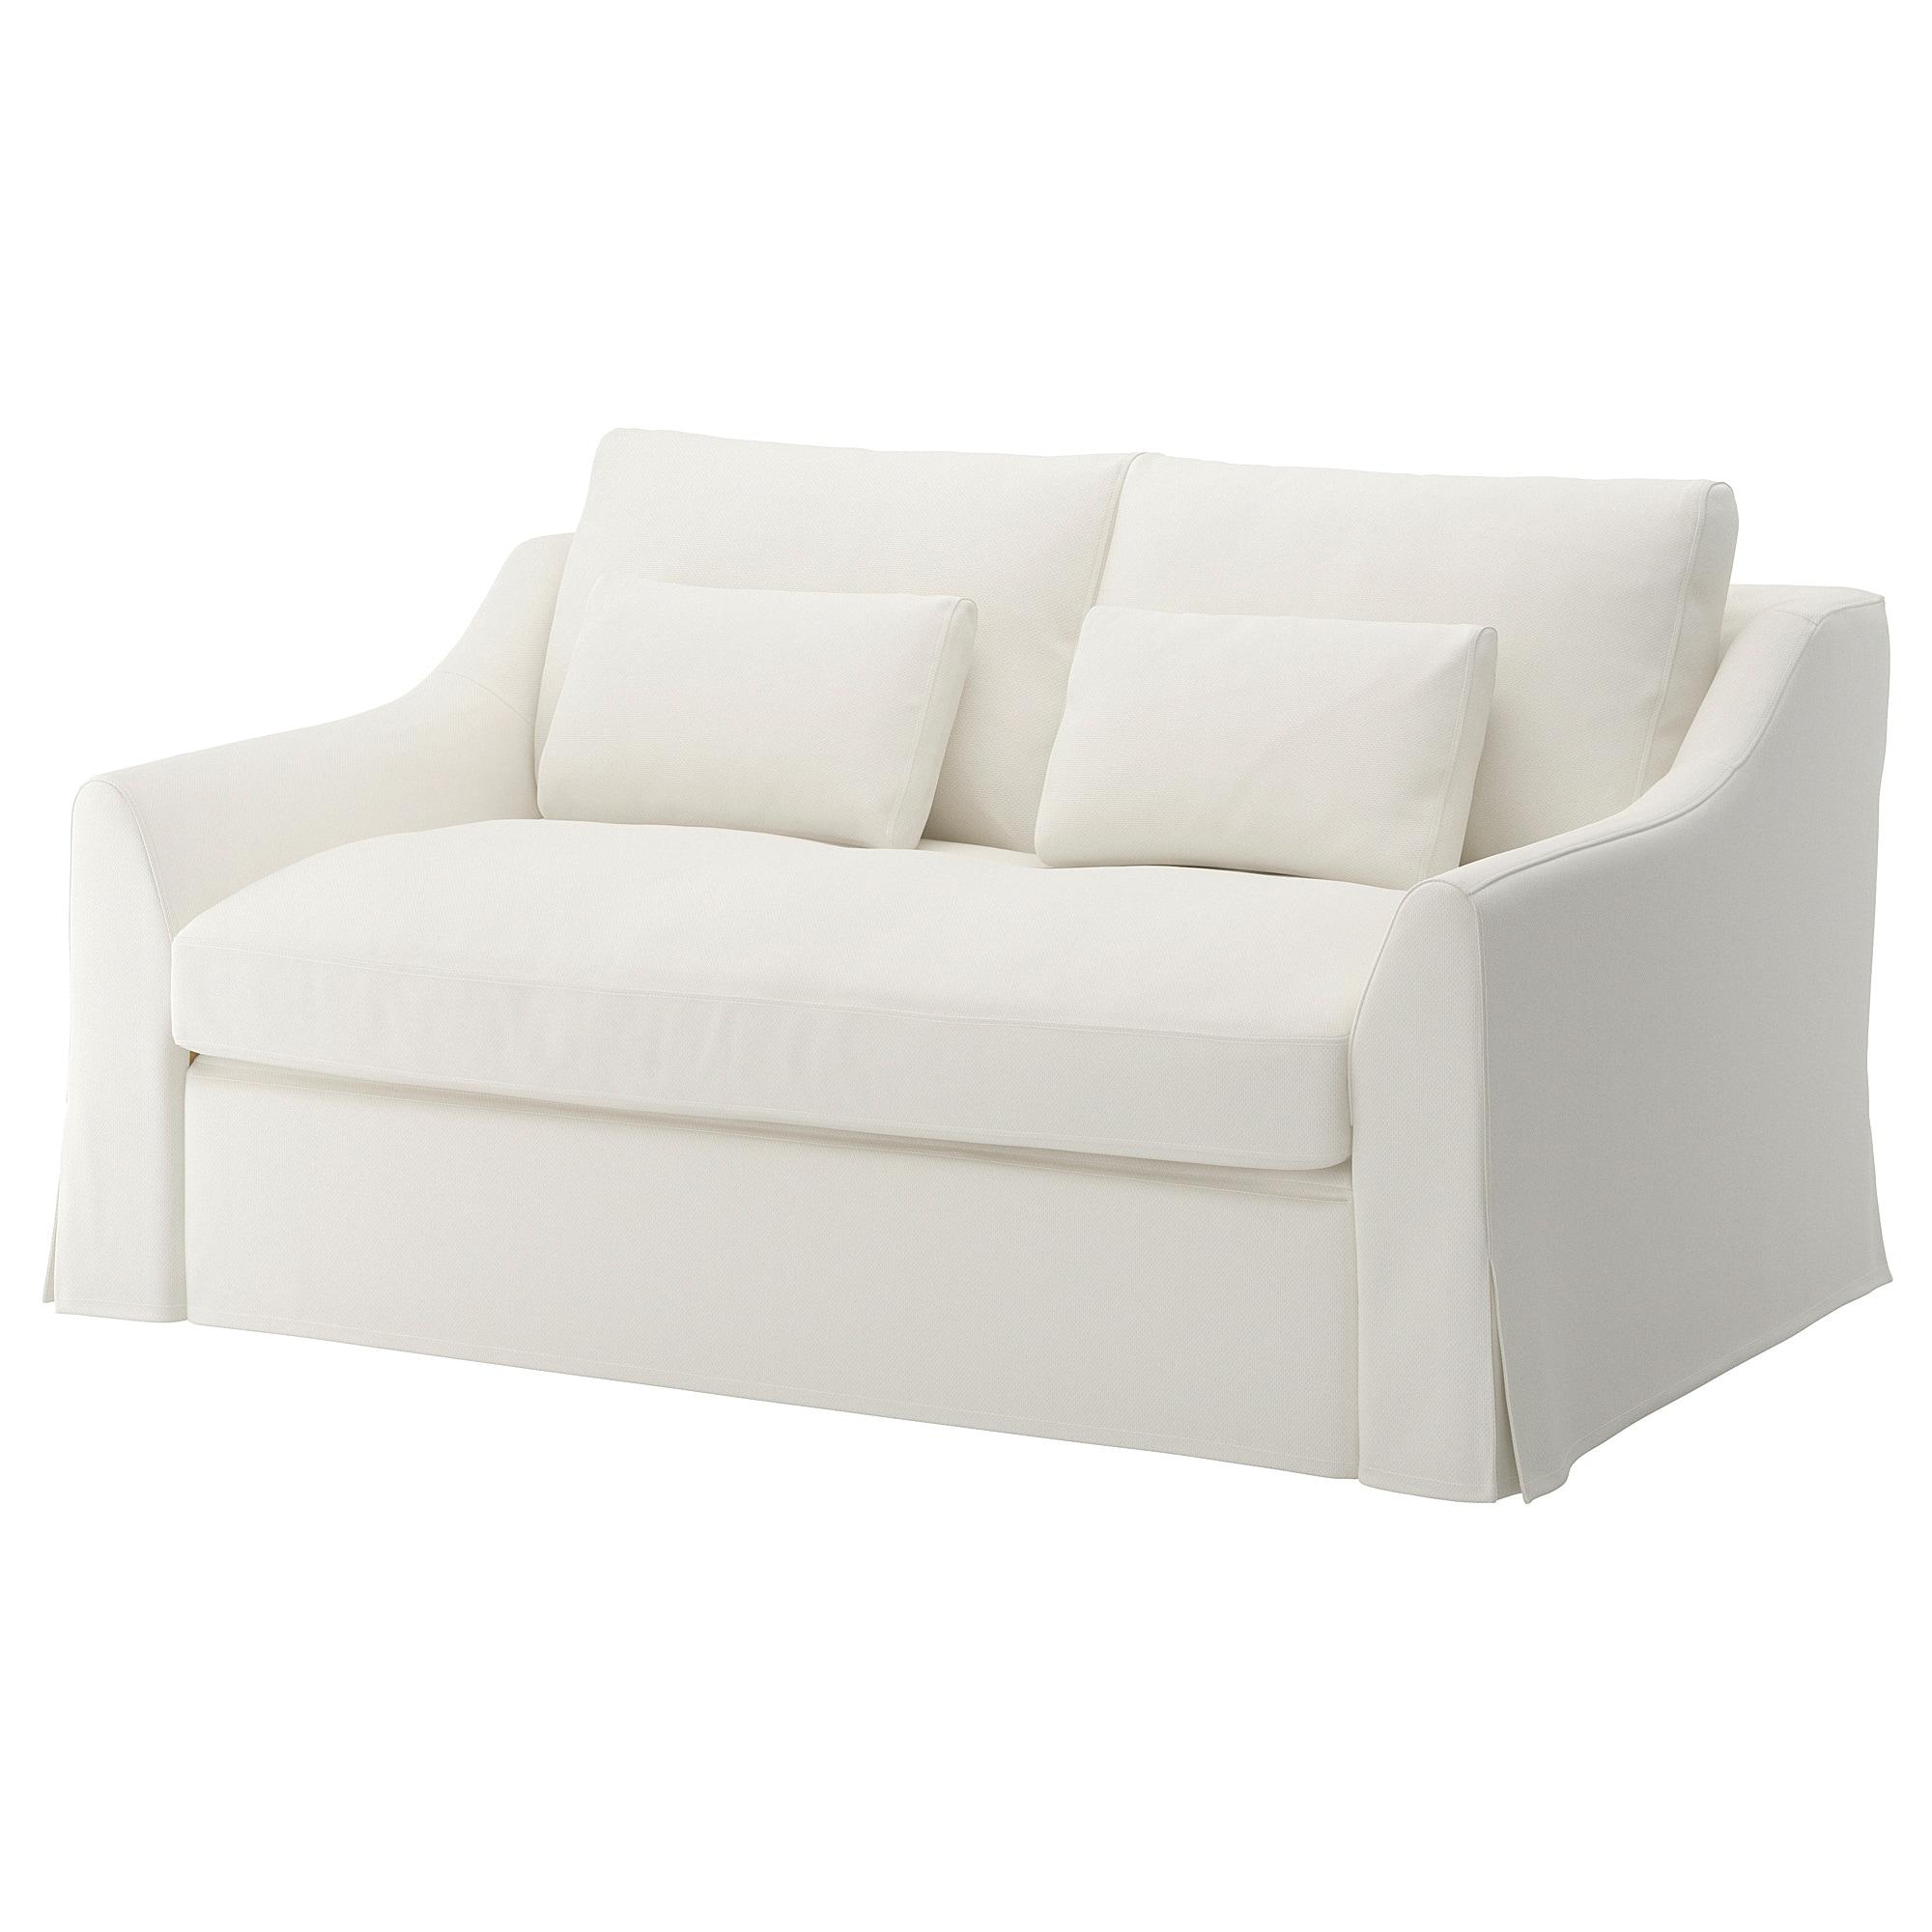 sofa FÄRLÖV | 2899 zł | od ręki w IKEA